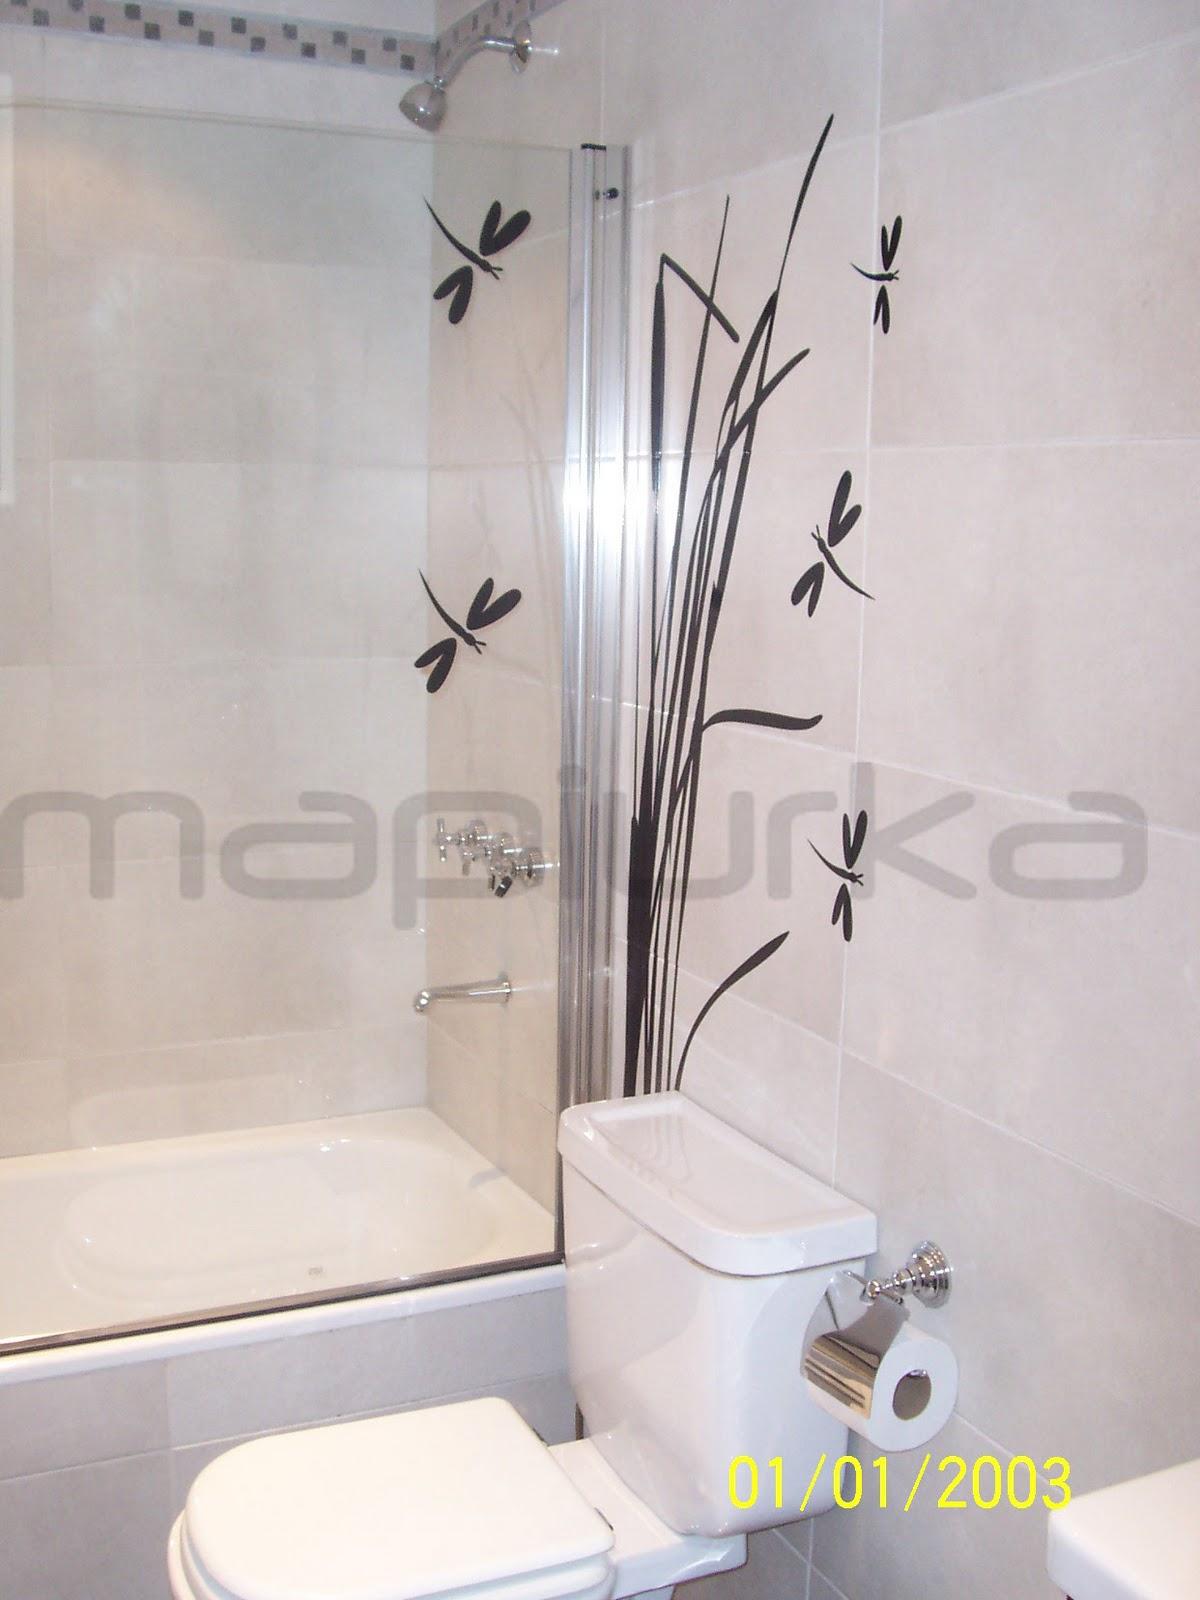 Azulejos Vinilo Para Baño:junco en color negro aplicado sobre los azulejos del baño